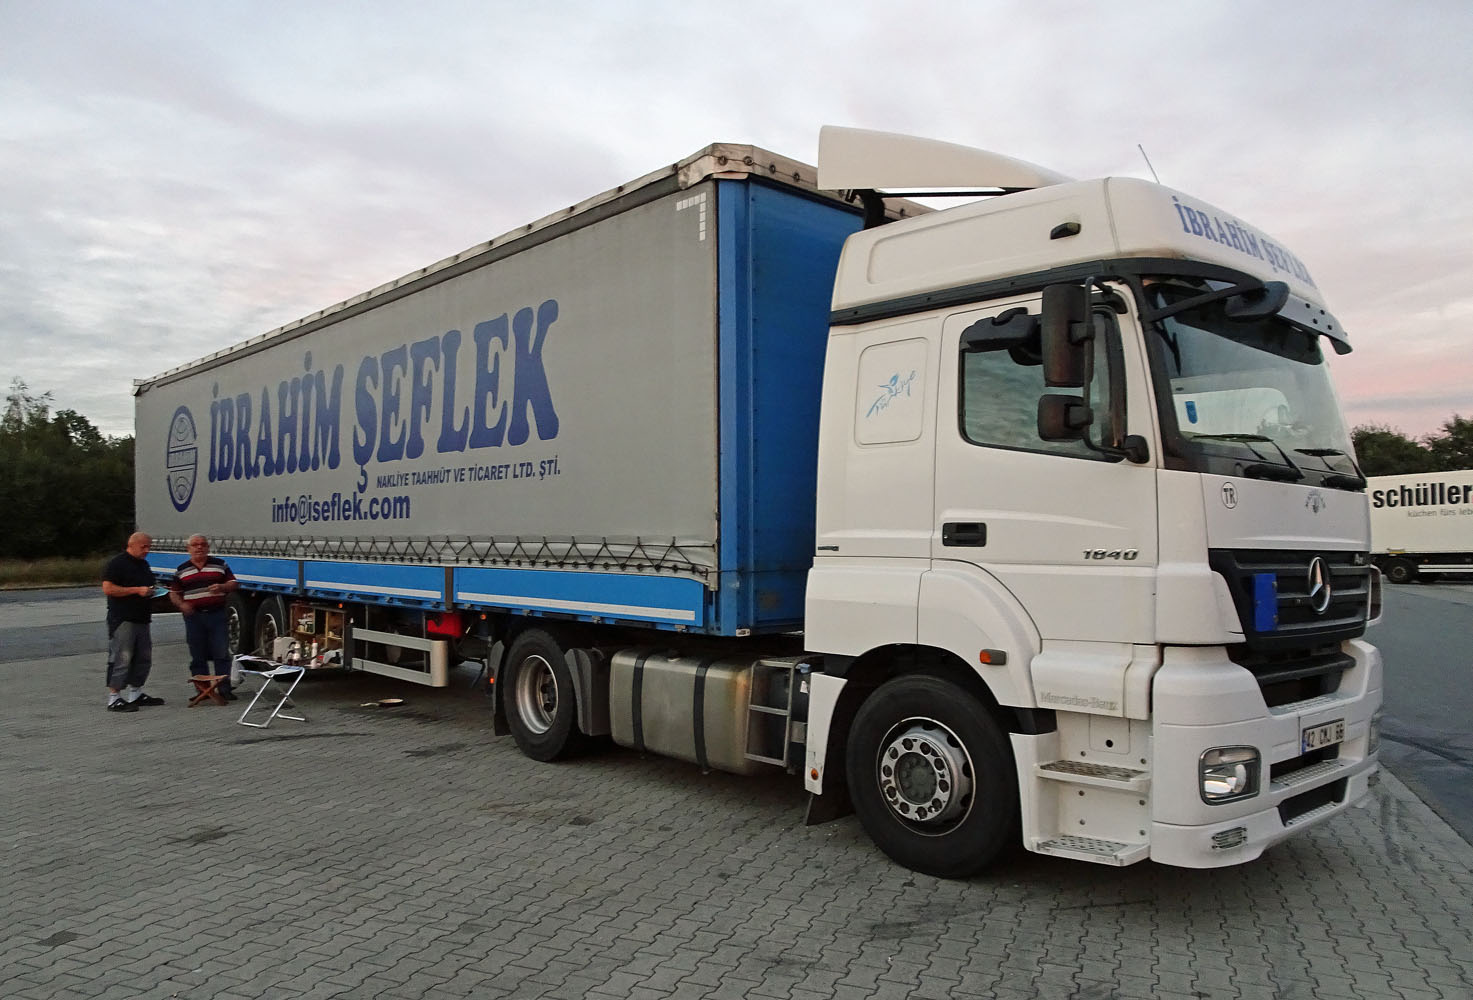 truck-von-celal-ceken-whe_bearbeitet-1